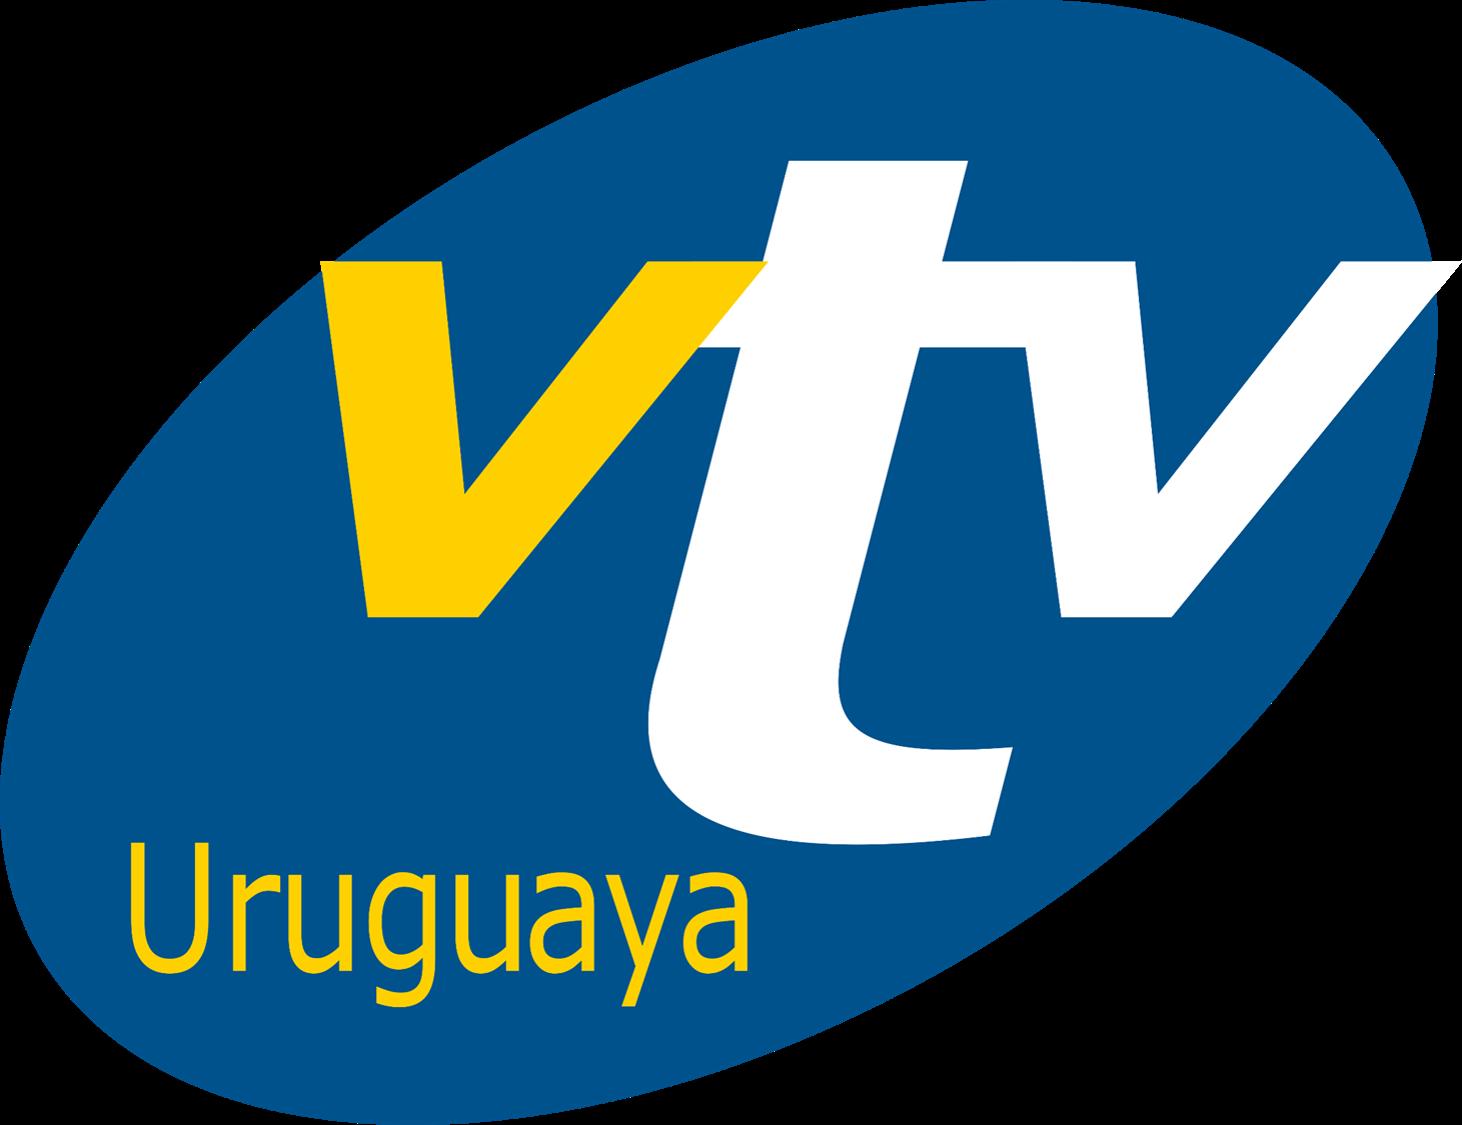 VTV (Uruguay)